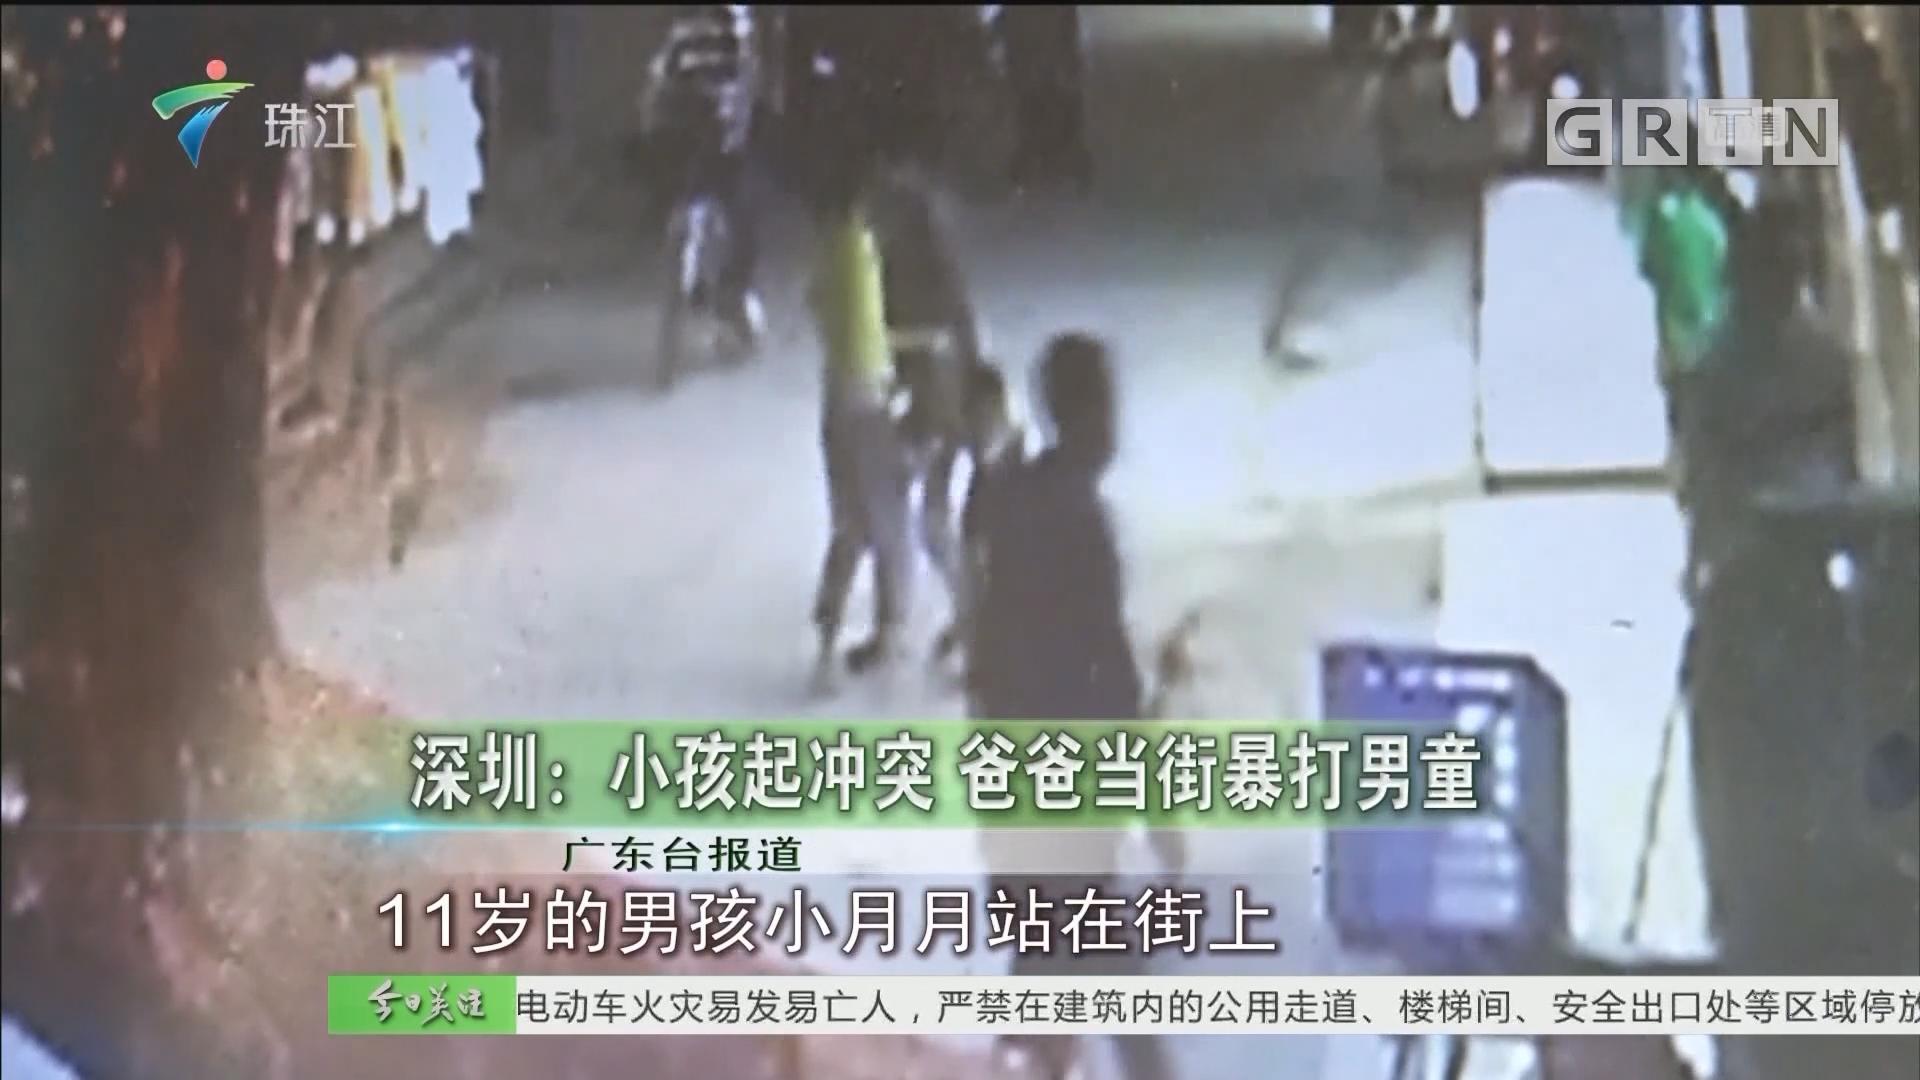 深圳:小孩起冲突 爸爸当街暴打男童